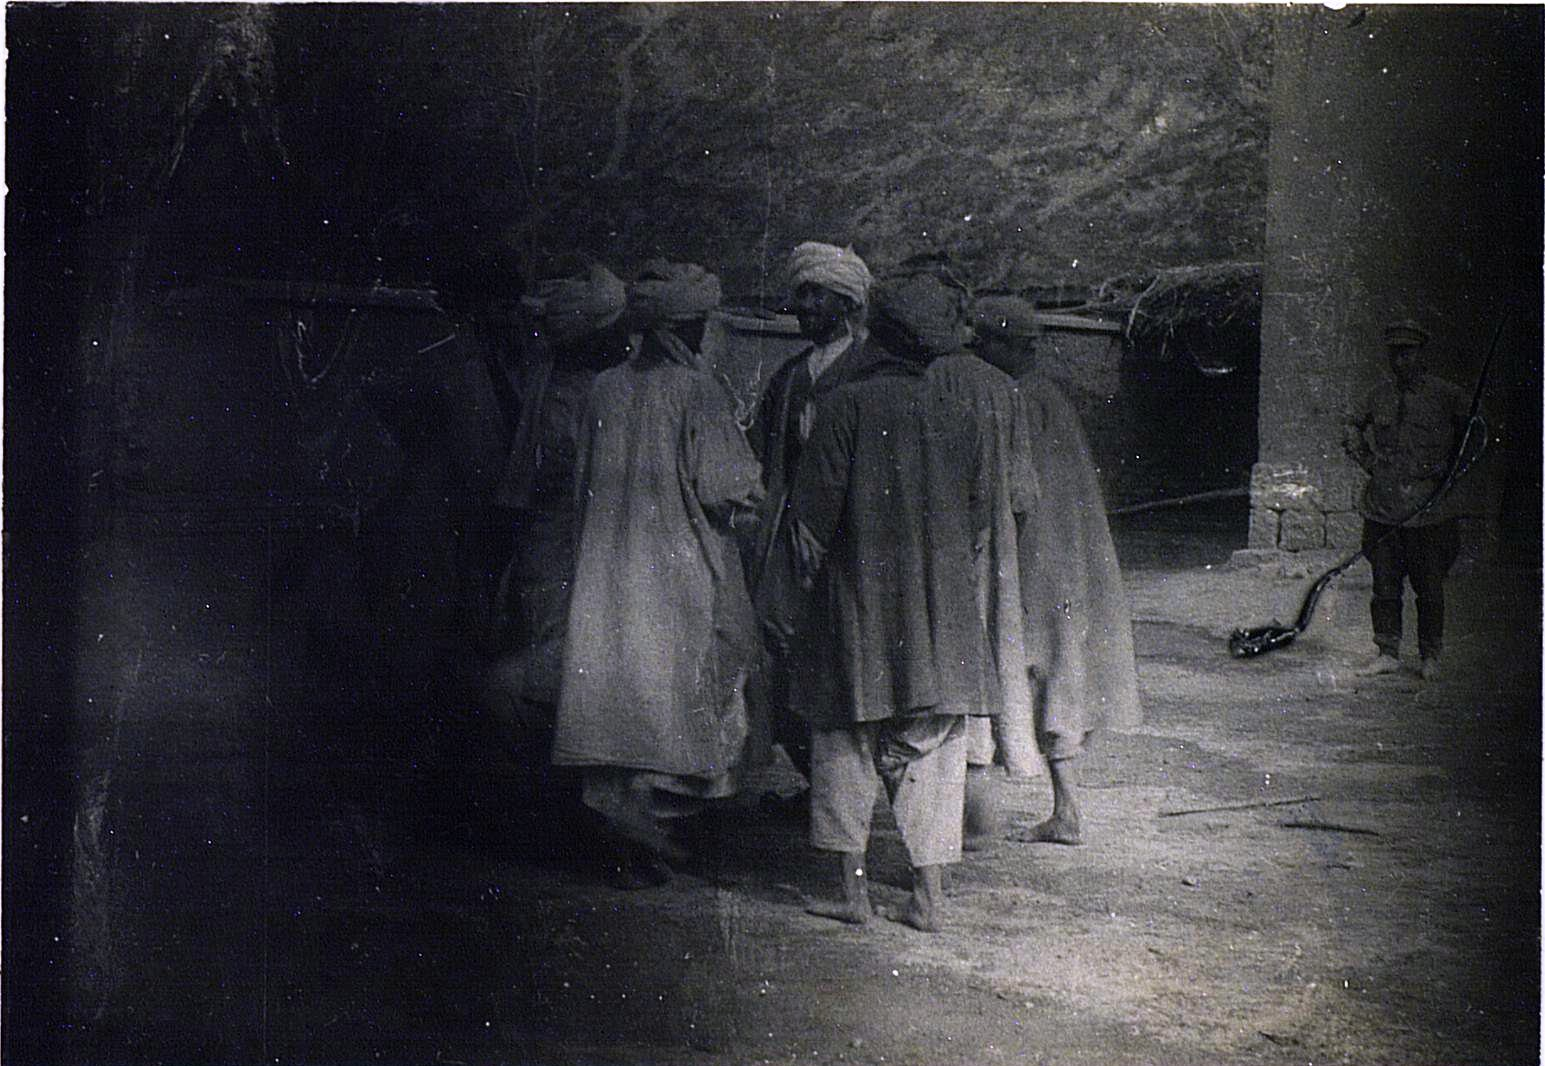 Контрабандисты, арестованные пограничной охраной, танцуют во дворе комендатуры. Второе па